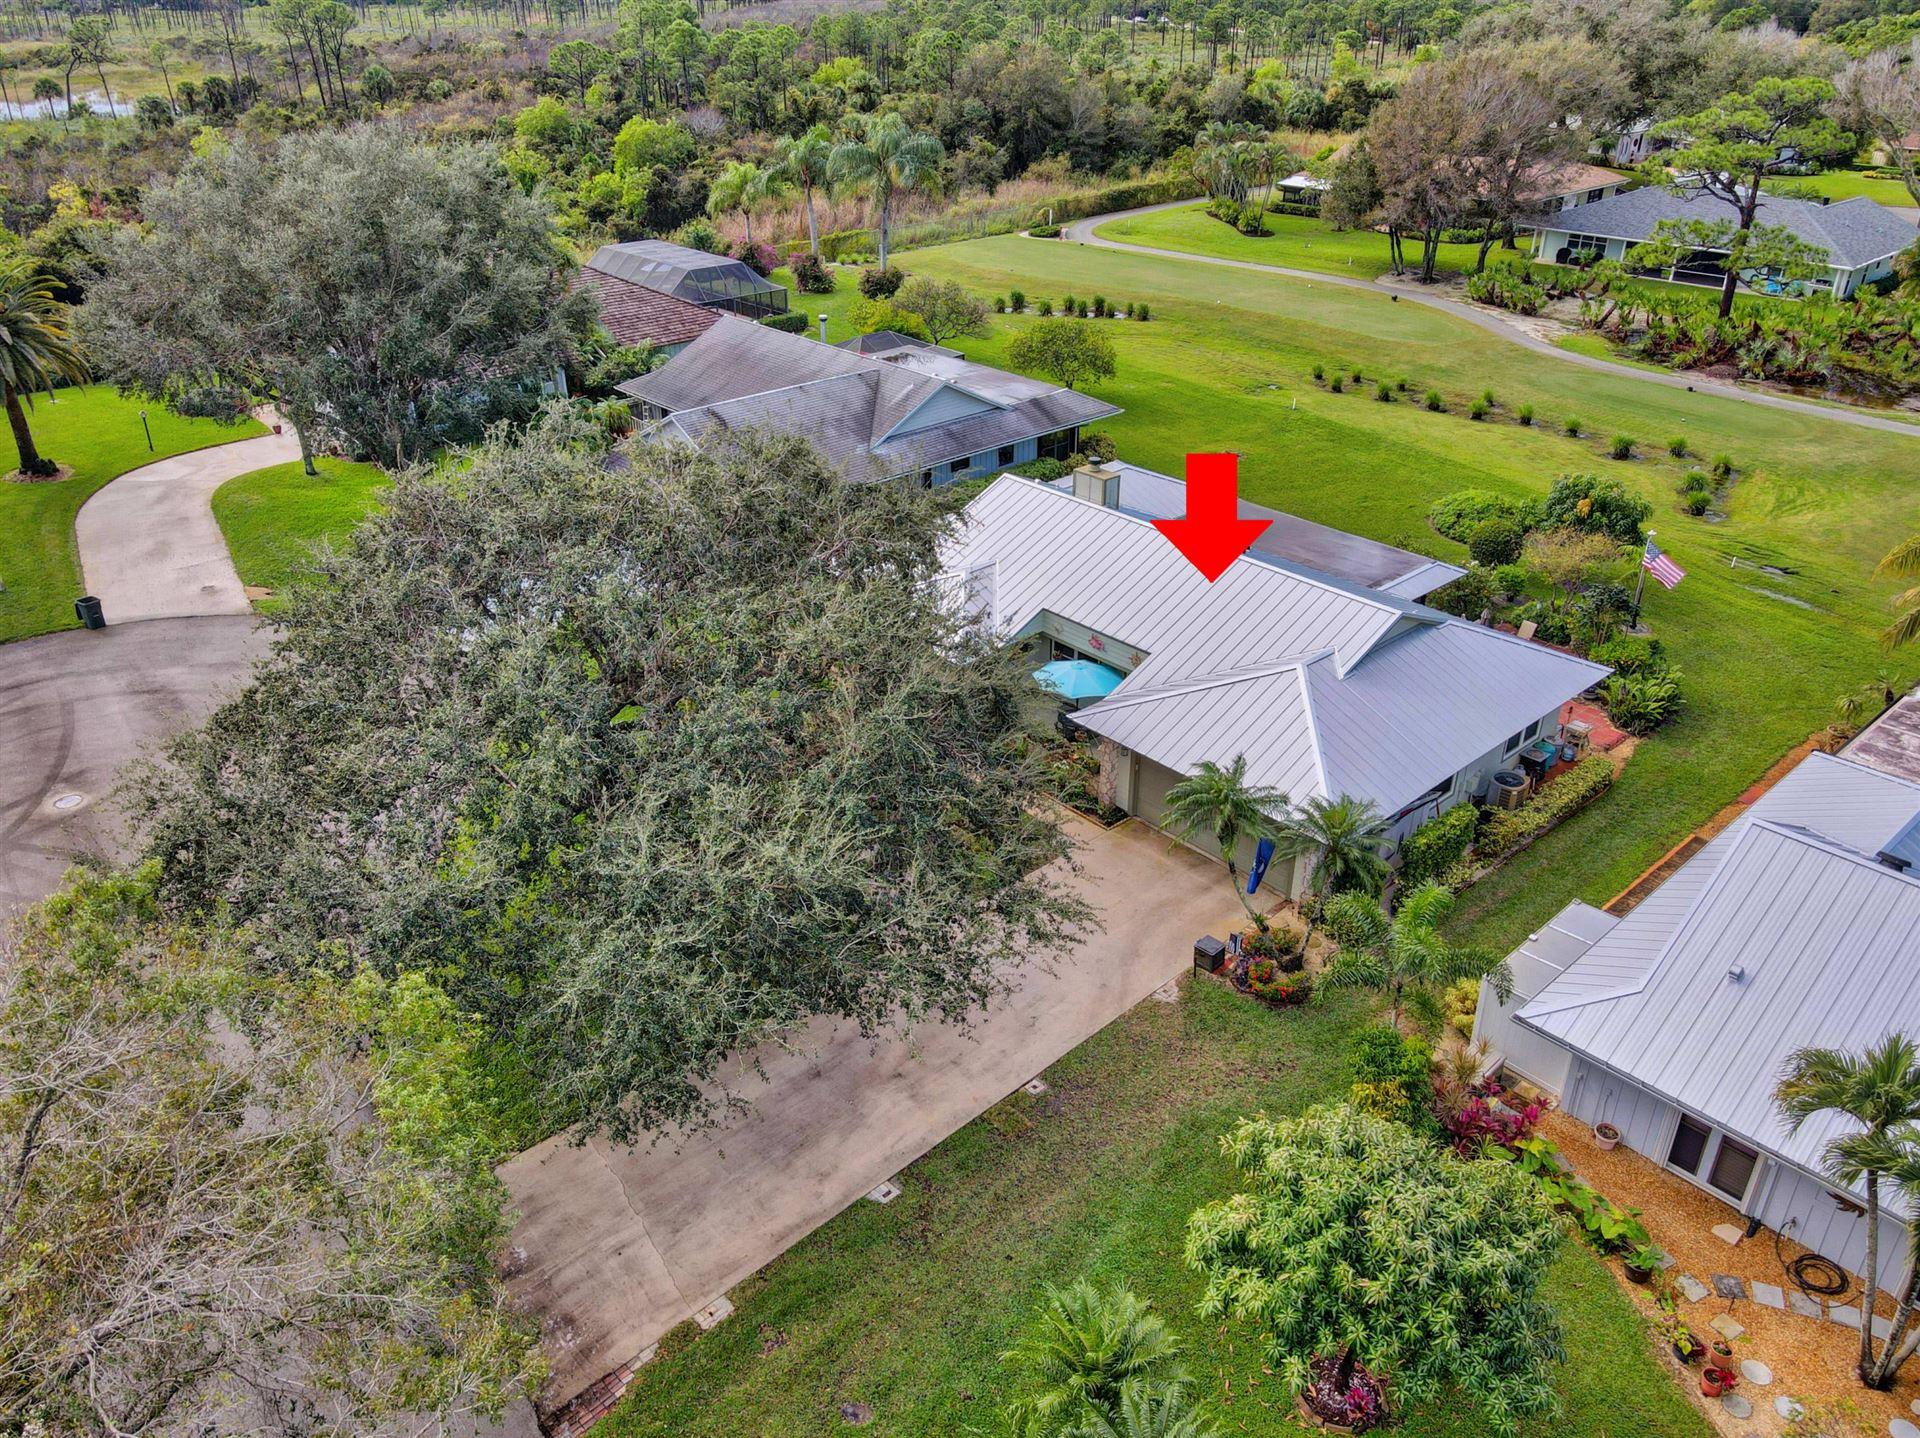 Photo of 13144 SE Cypress Point Lane, Hobe Sound, FL 33455 (MLS # RX-10677058)